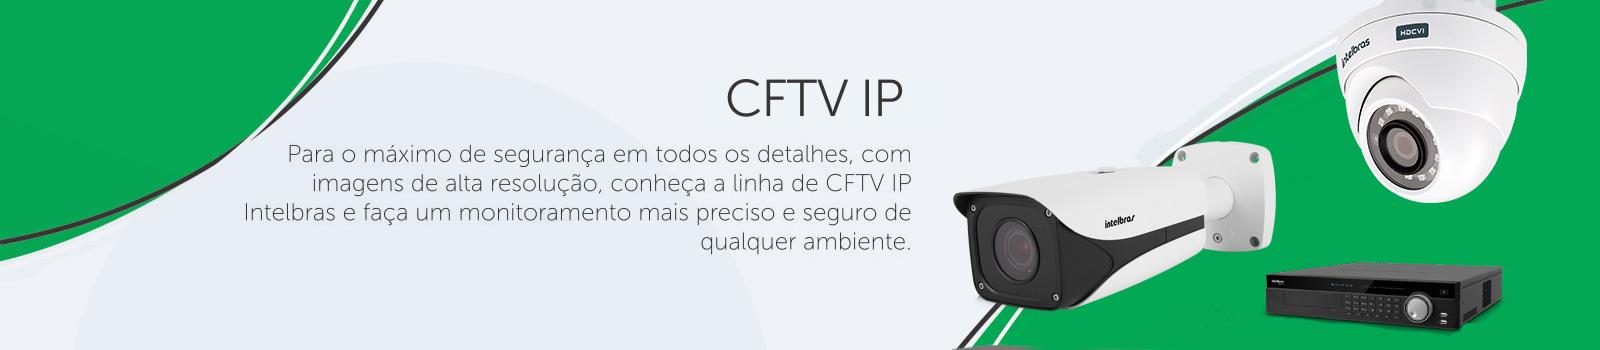 Banner_01_CFTV-IP_03_2017